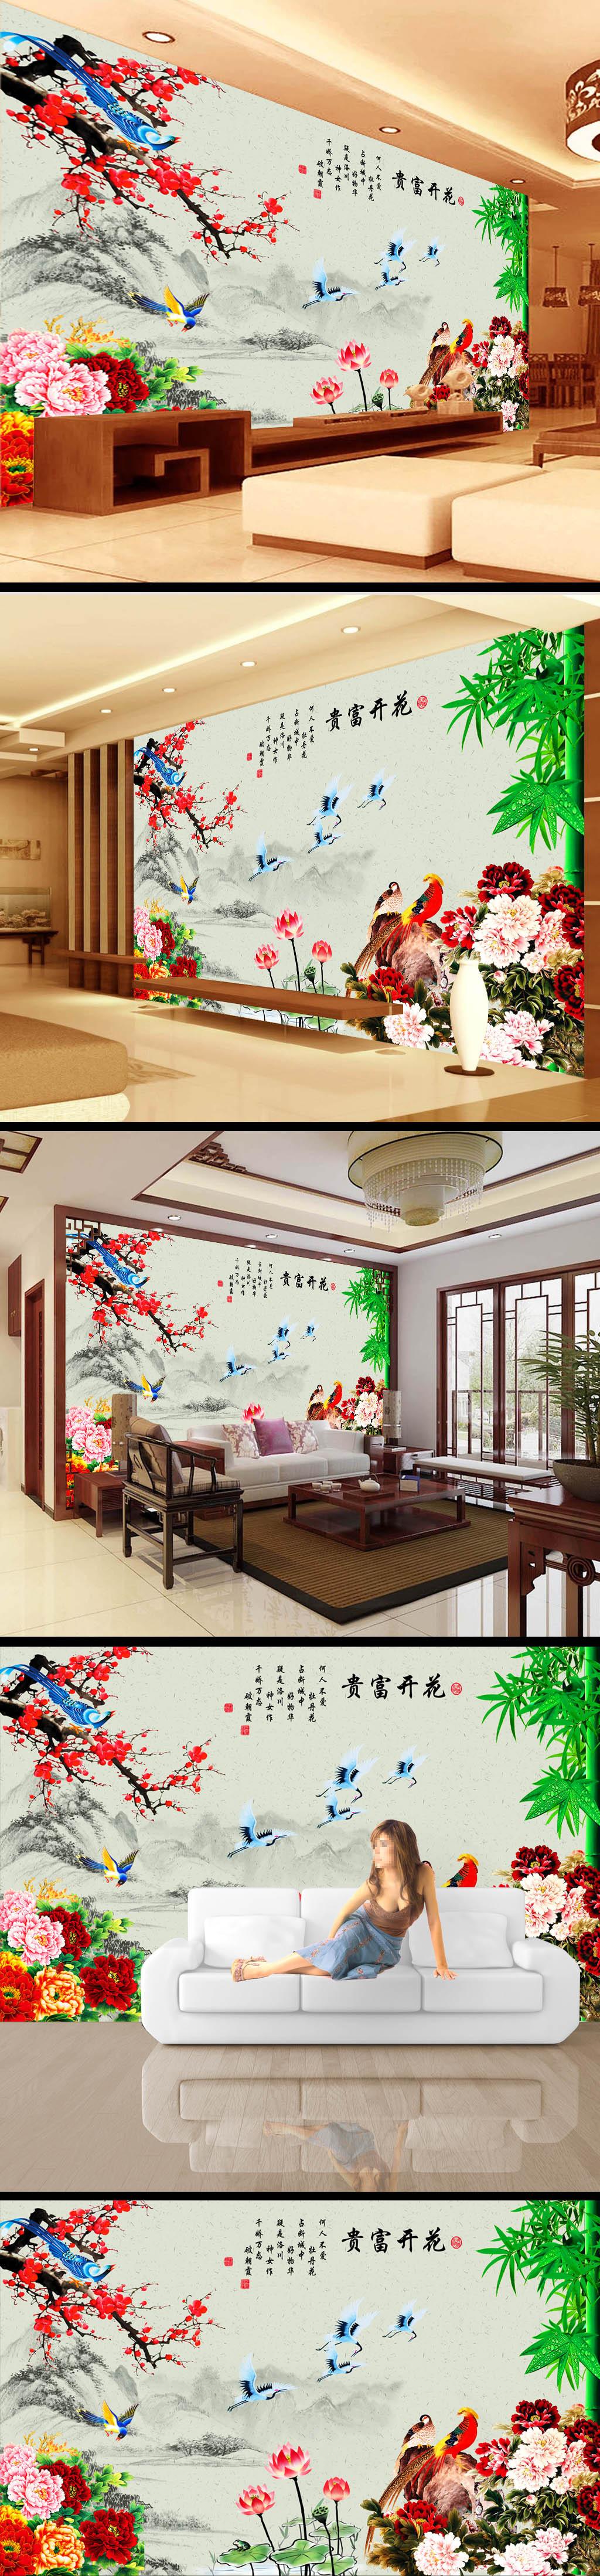 背景素材 中国风图片